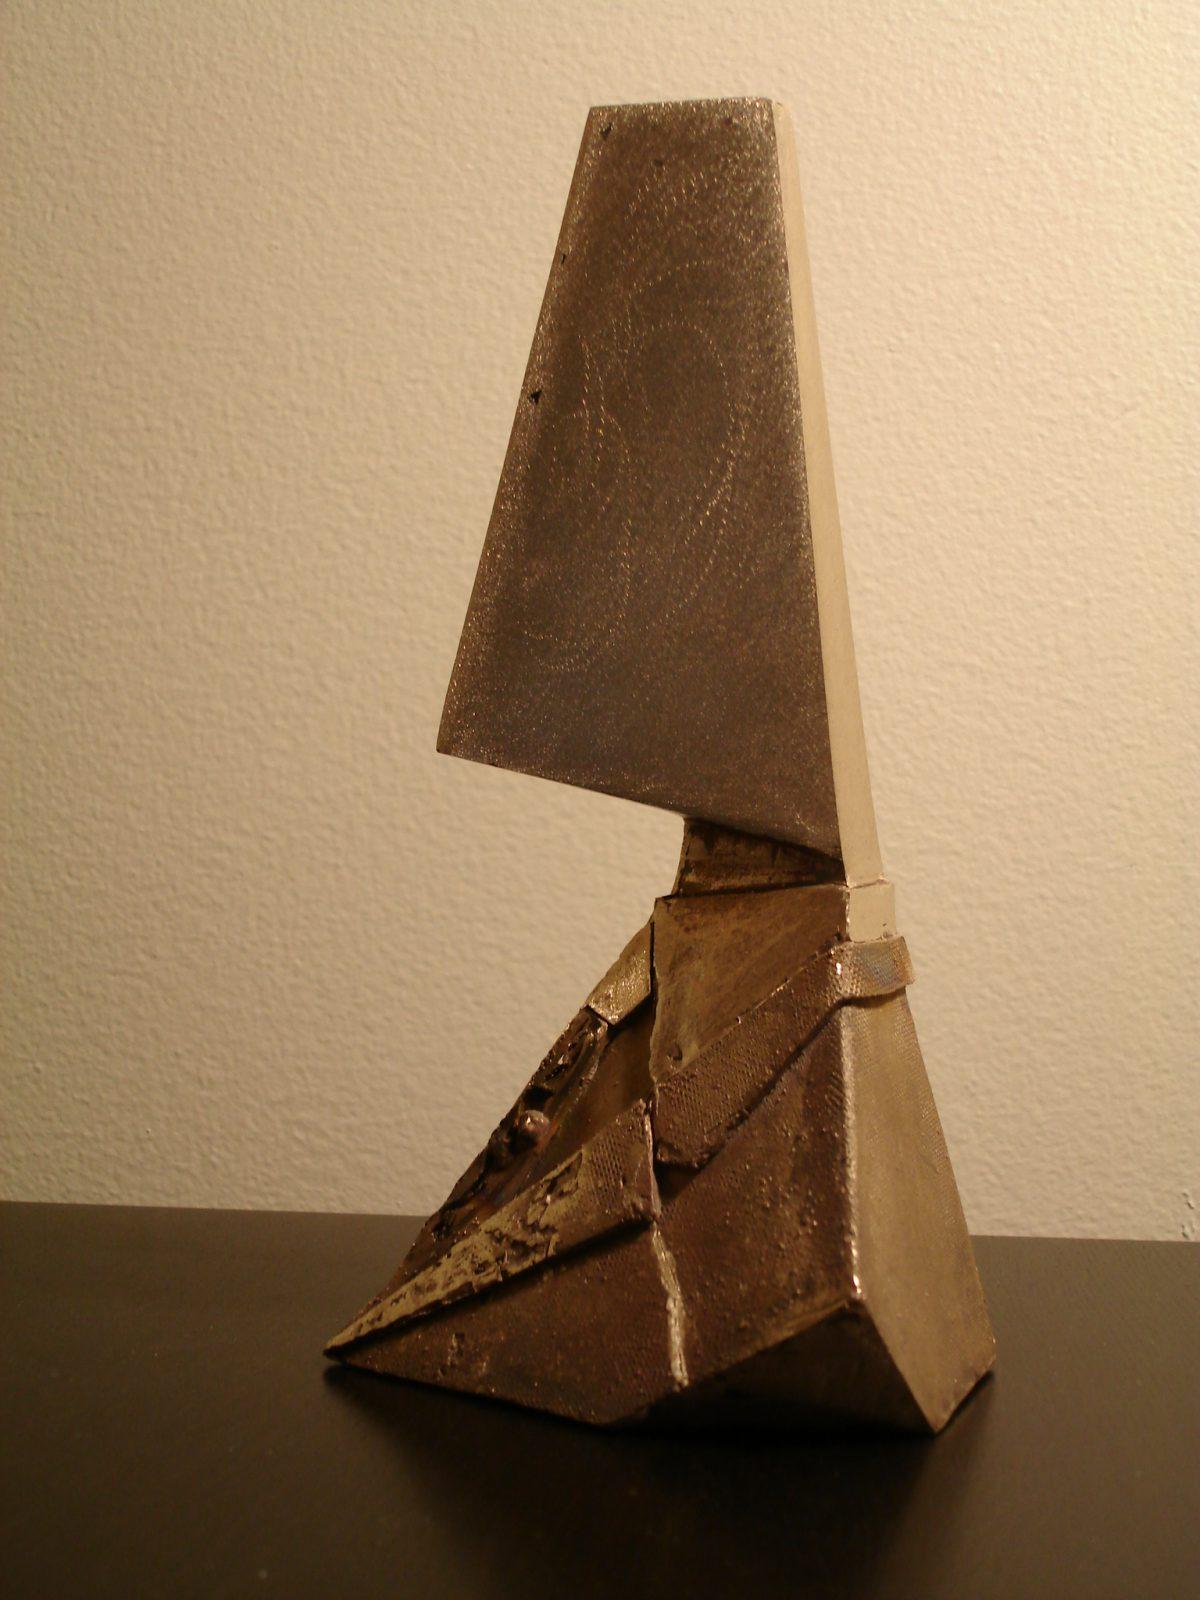 Divider - wip - Start polishing, ch3, sculpture, process, bronze